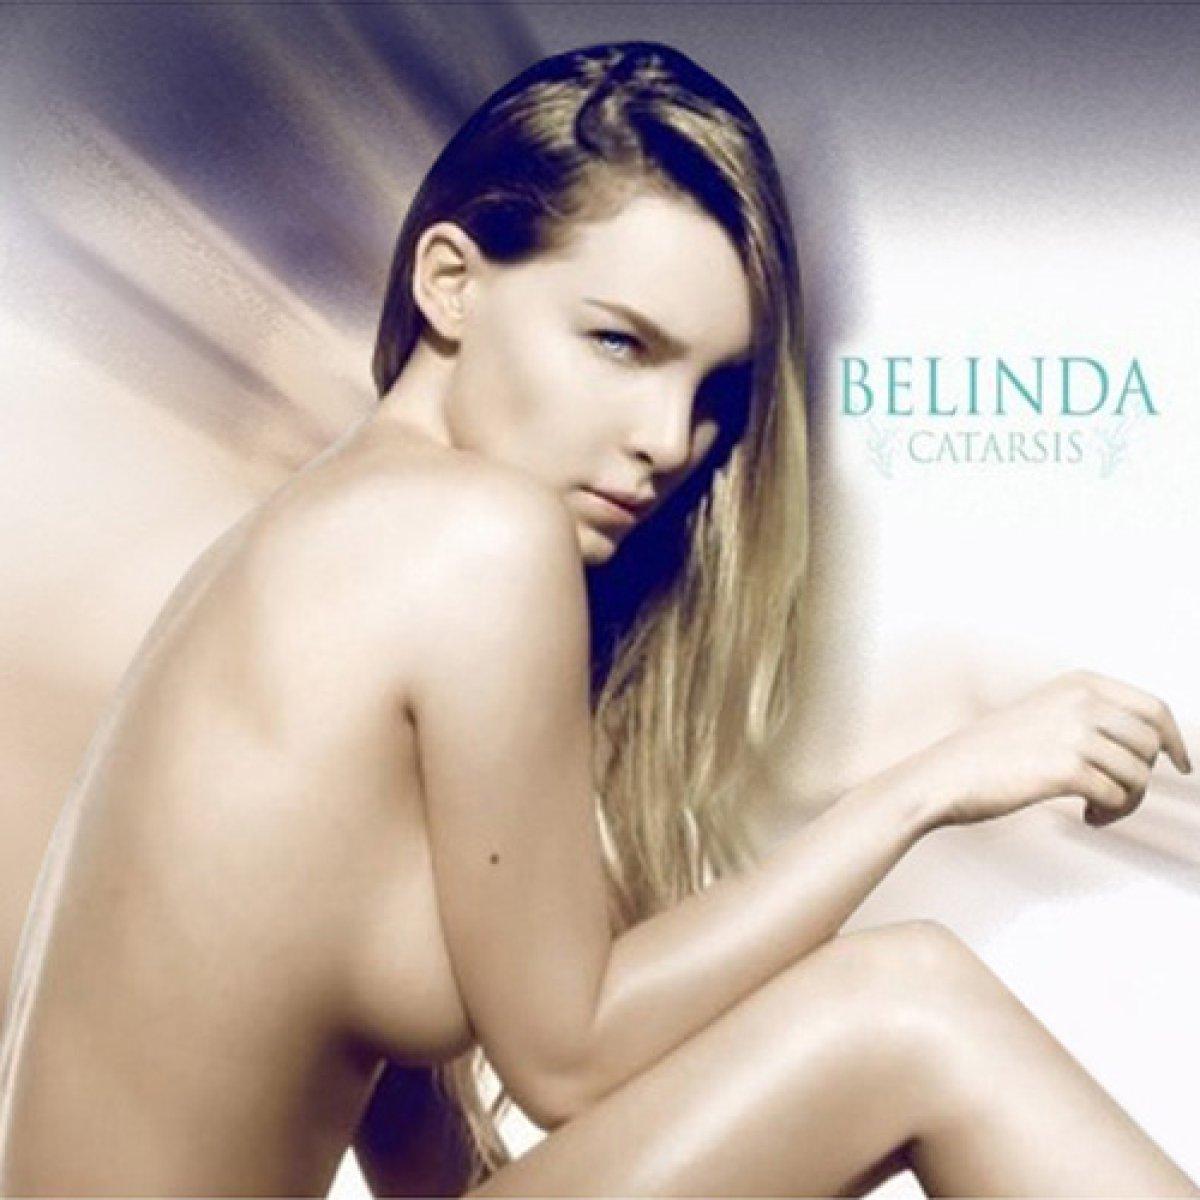 Belinda In Bikini